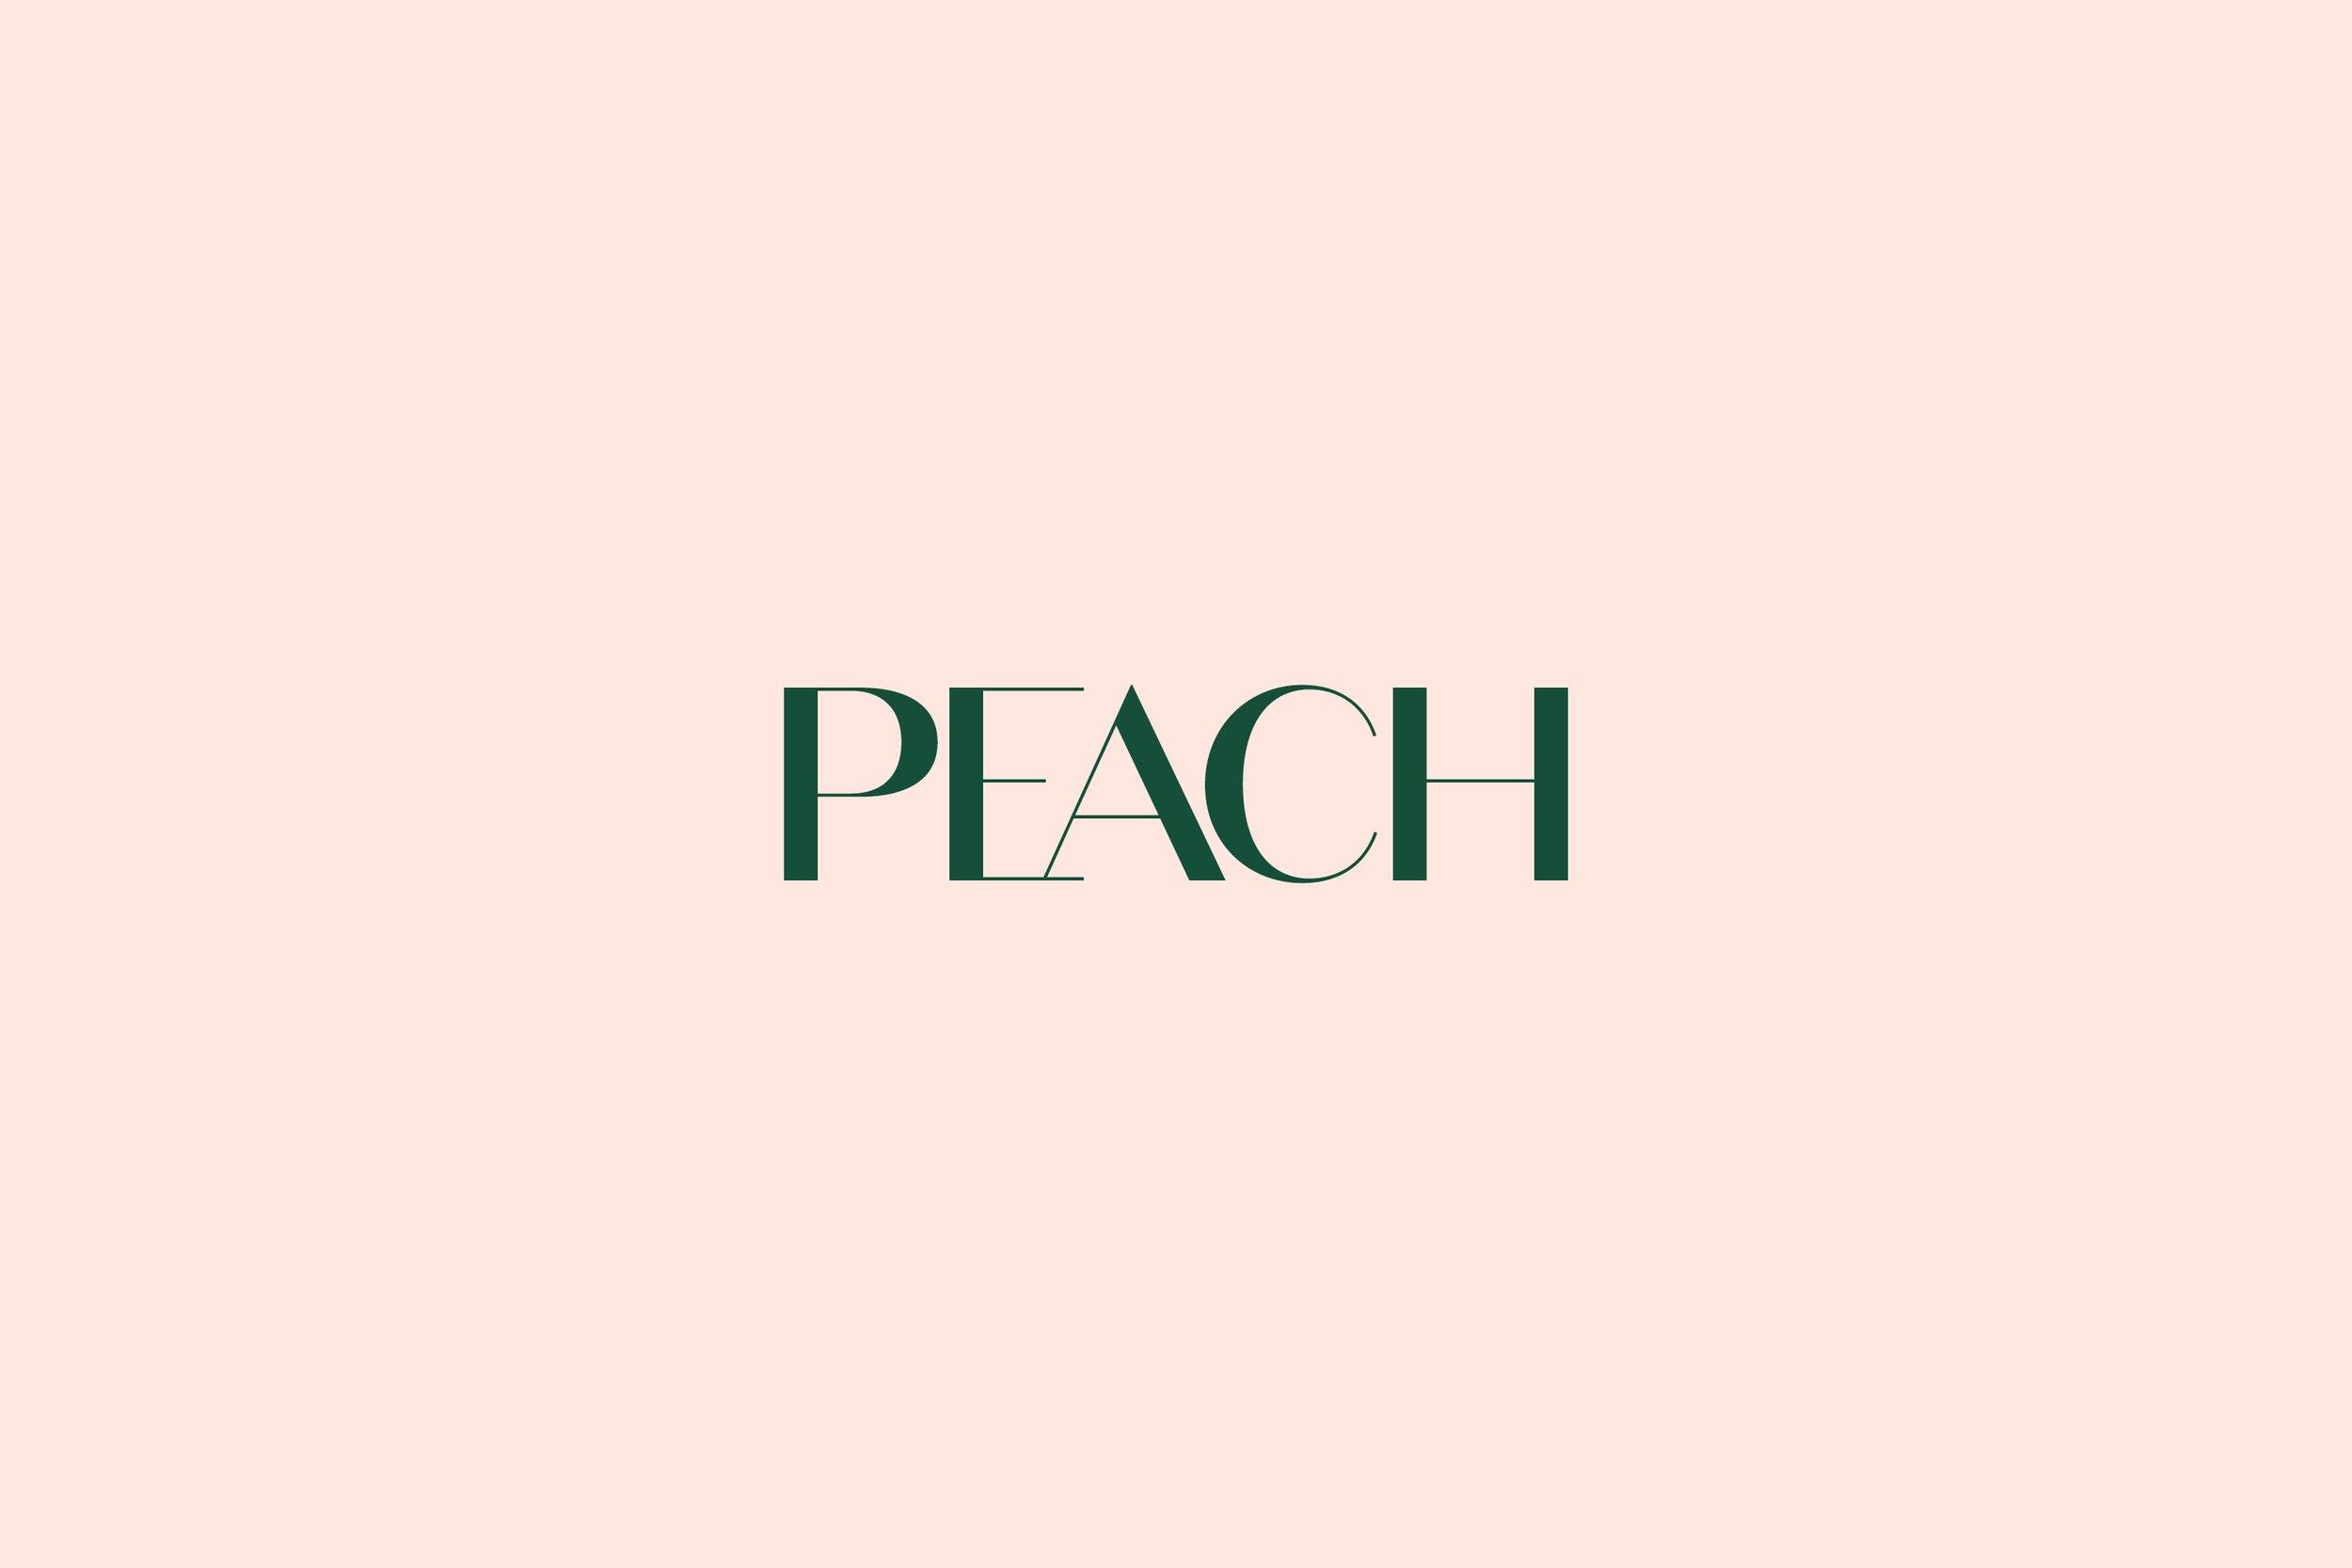 Peach_3000_2000_2.jpg